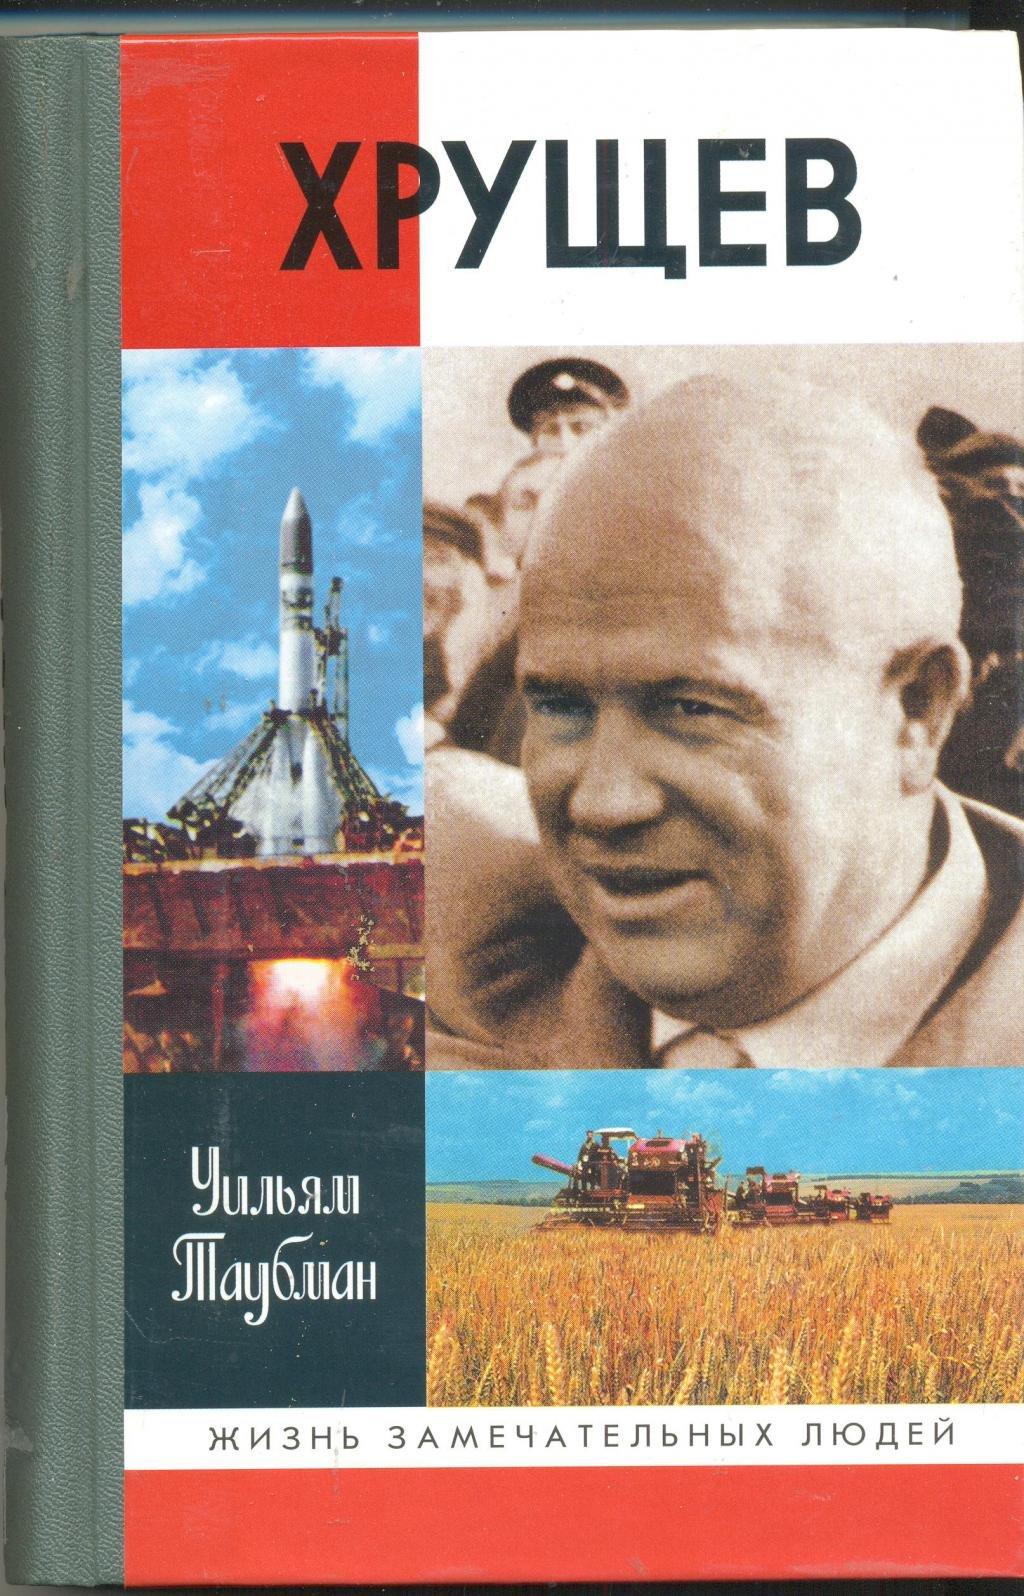 Таубман Уильям - Хрущёв (ЖЗЛ) скачать pdf